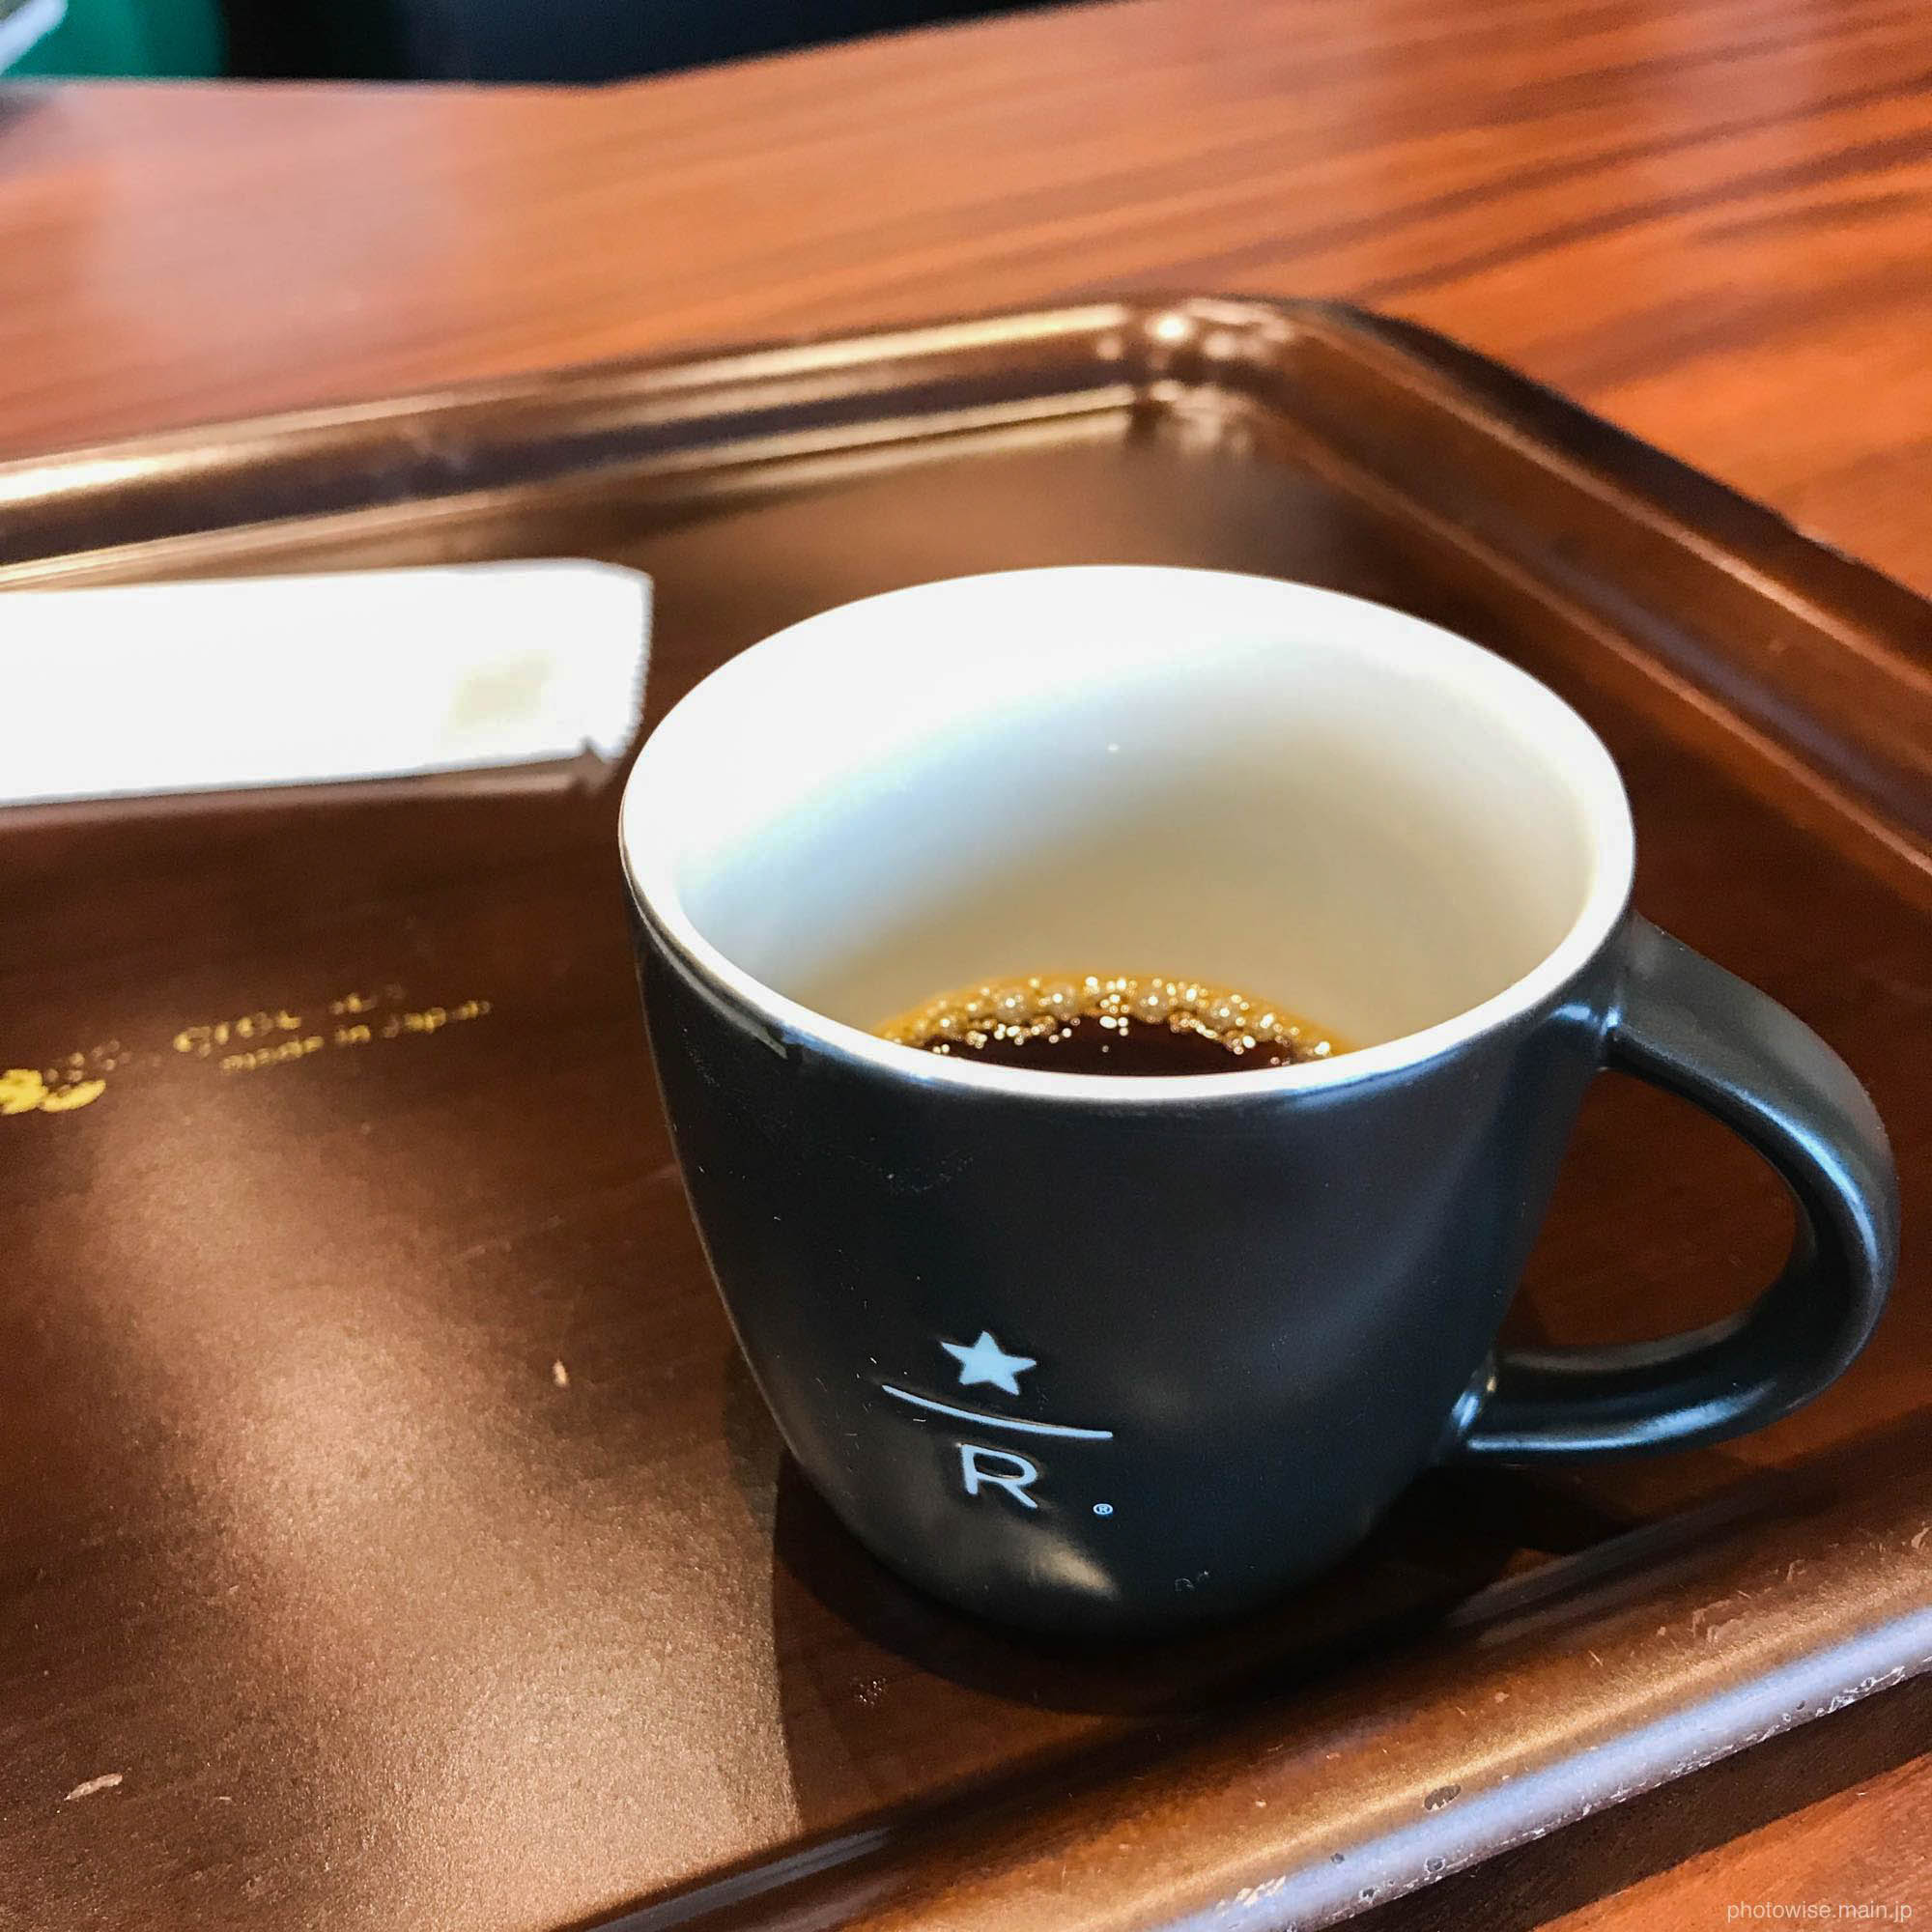 リサーブコーヒー試飲